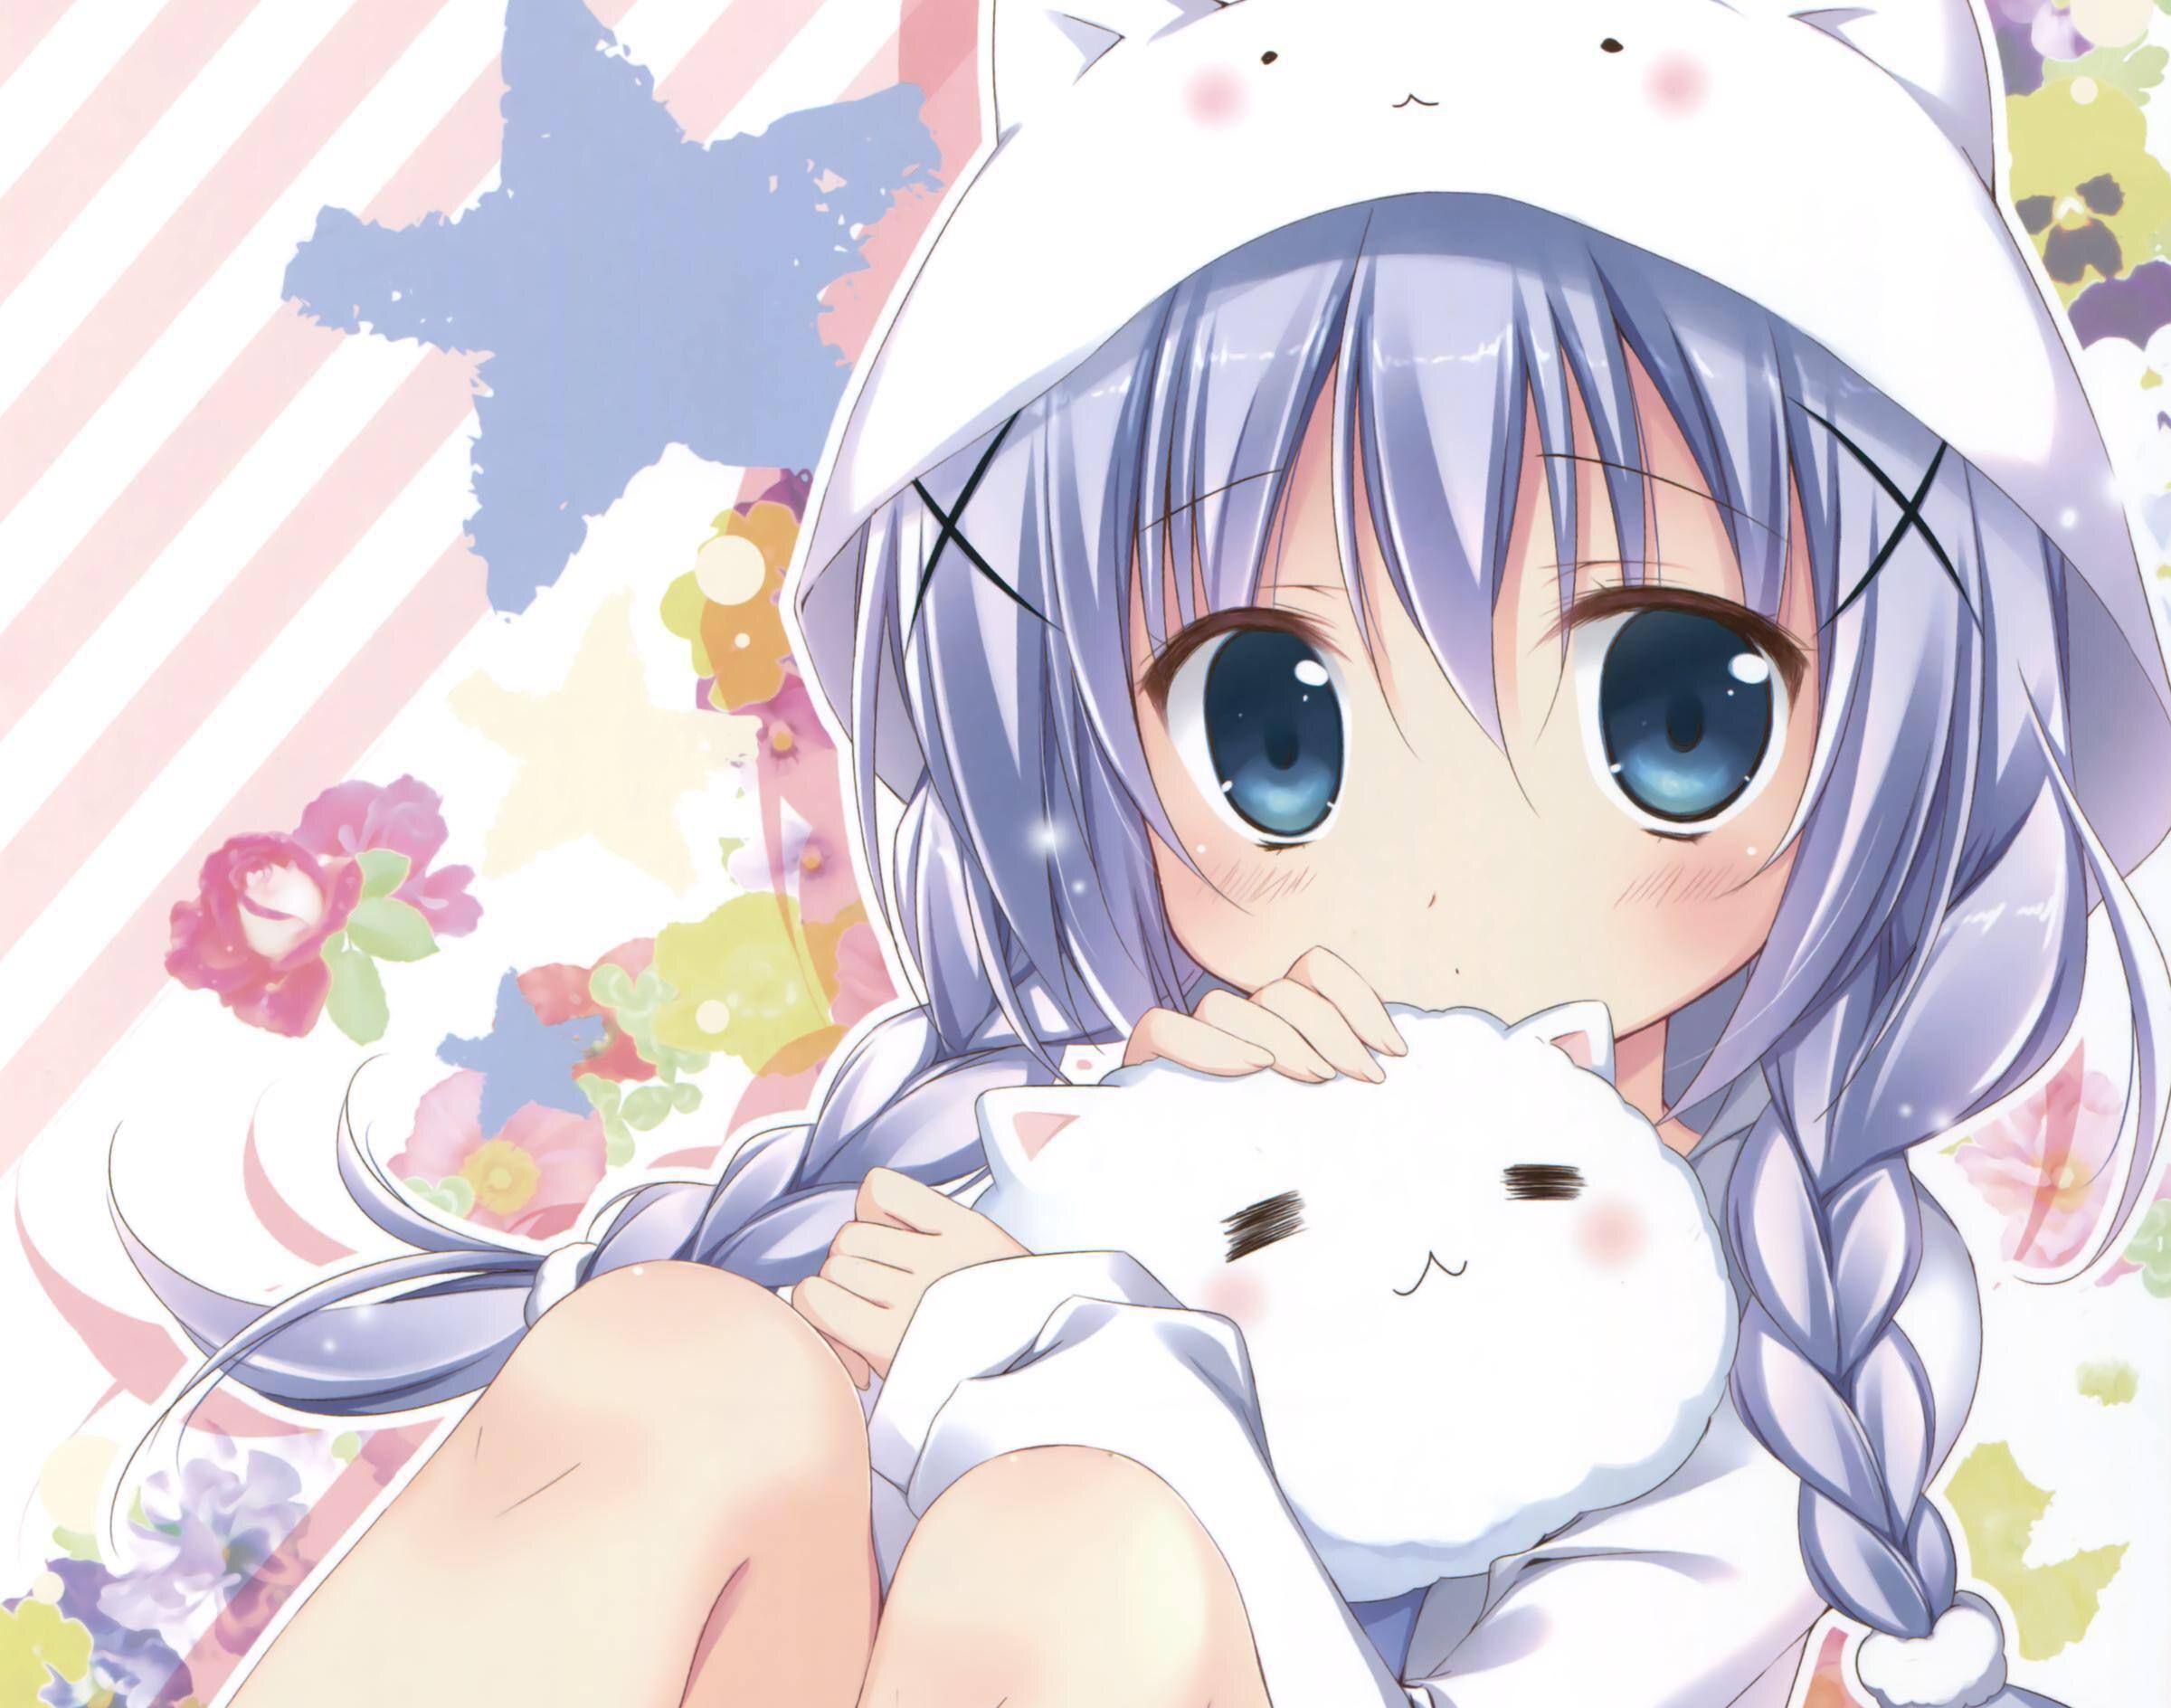 Pin Oleh Kayla Di Anime Animasi Anak Lucu Gadis Anime